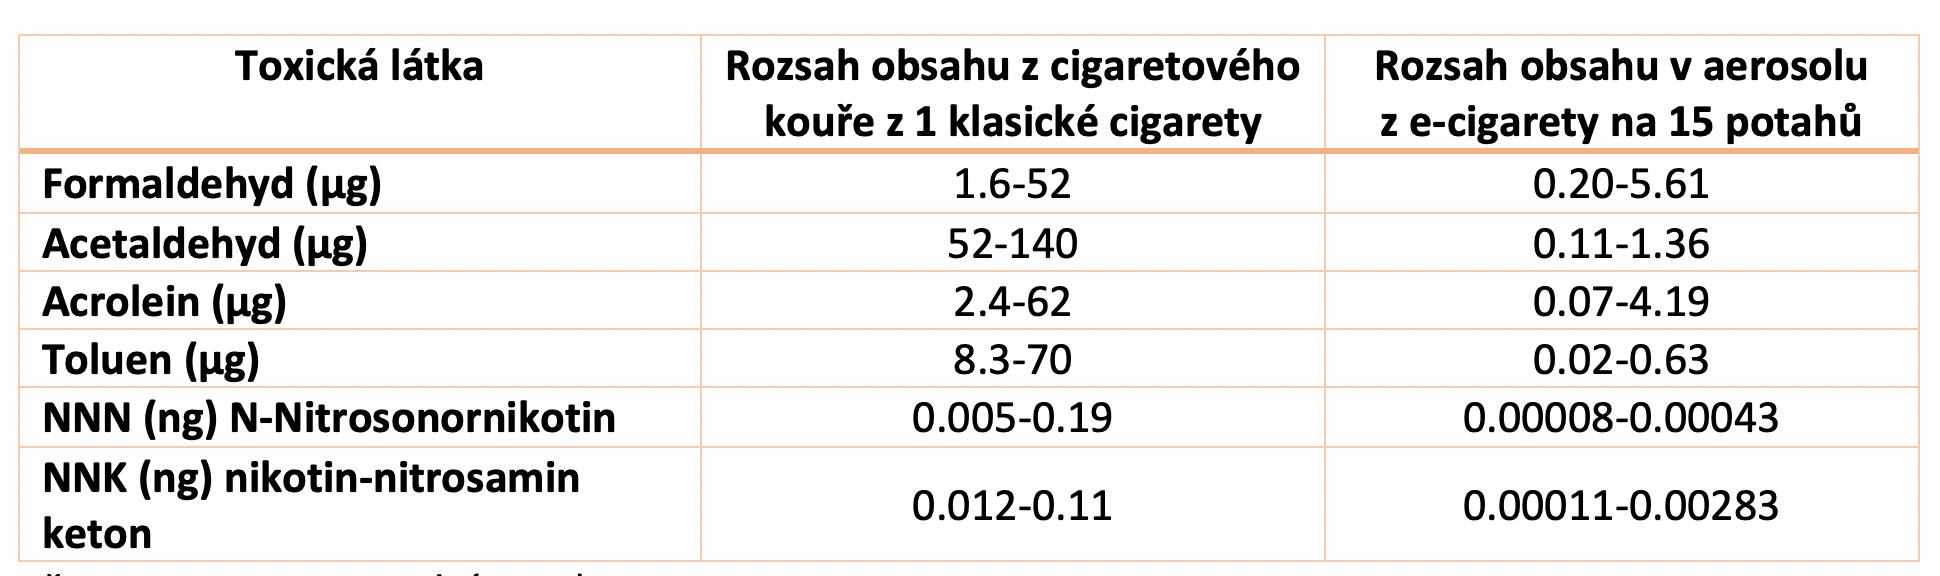 Tabulka toxických látek klasické cigarety vs elektronické cigarety